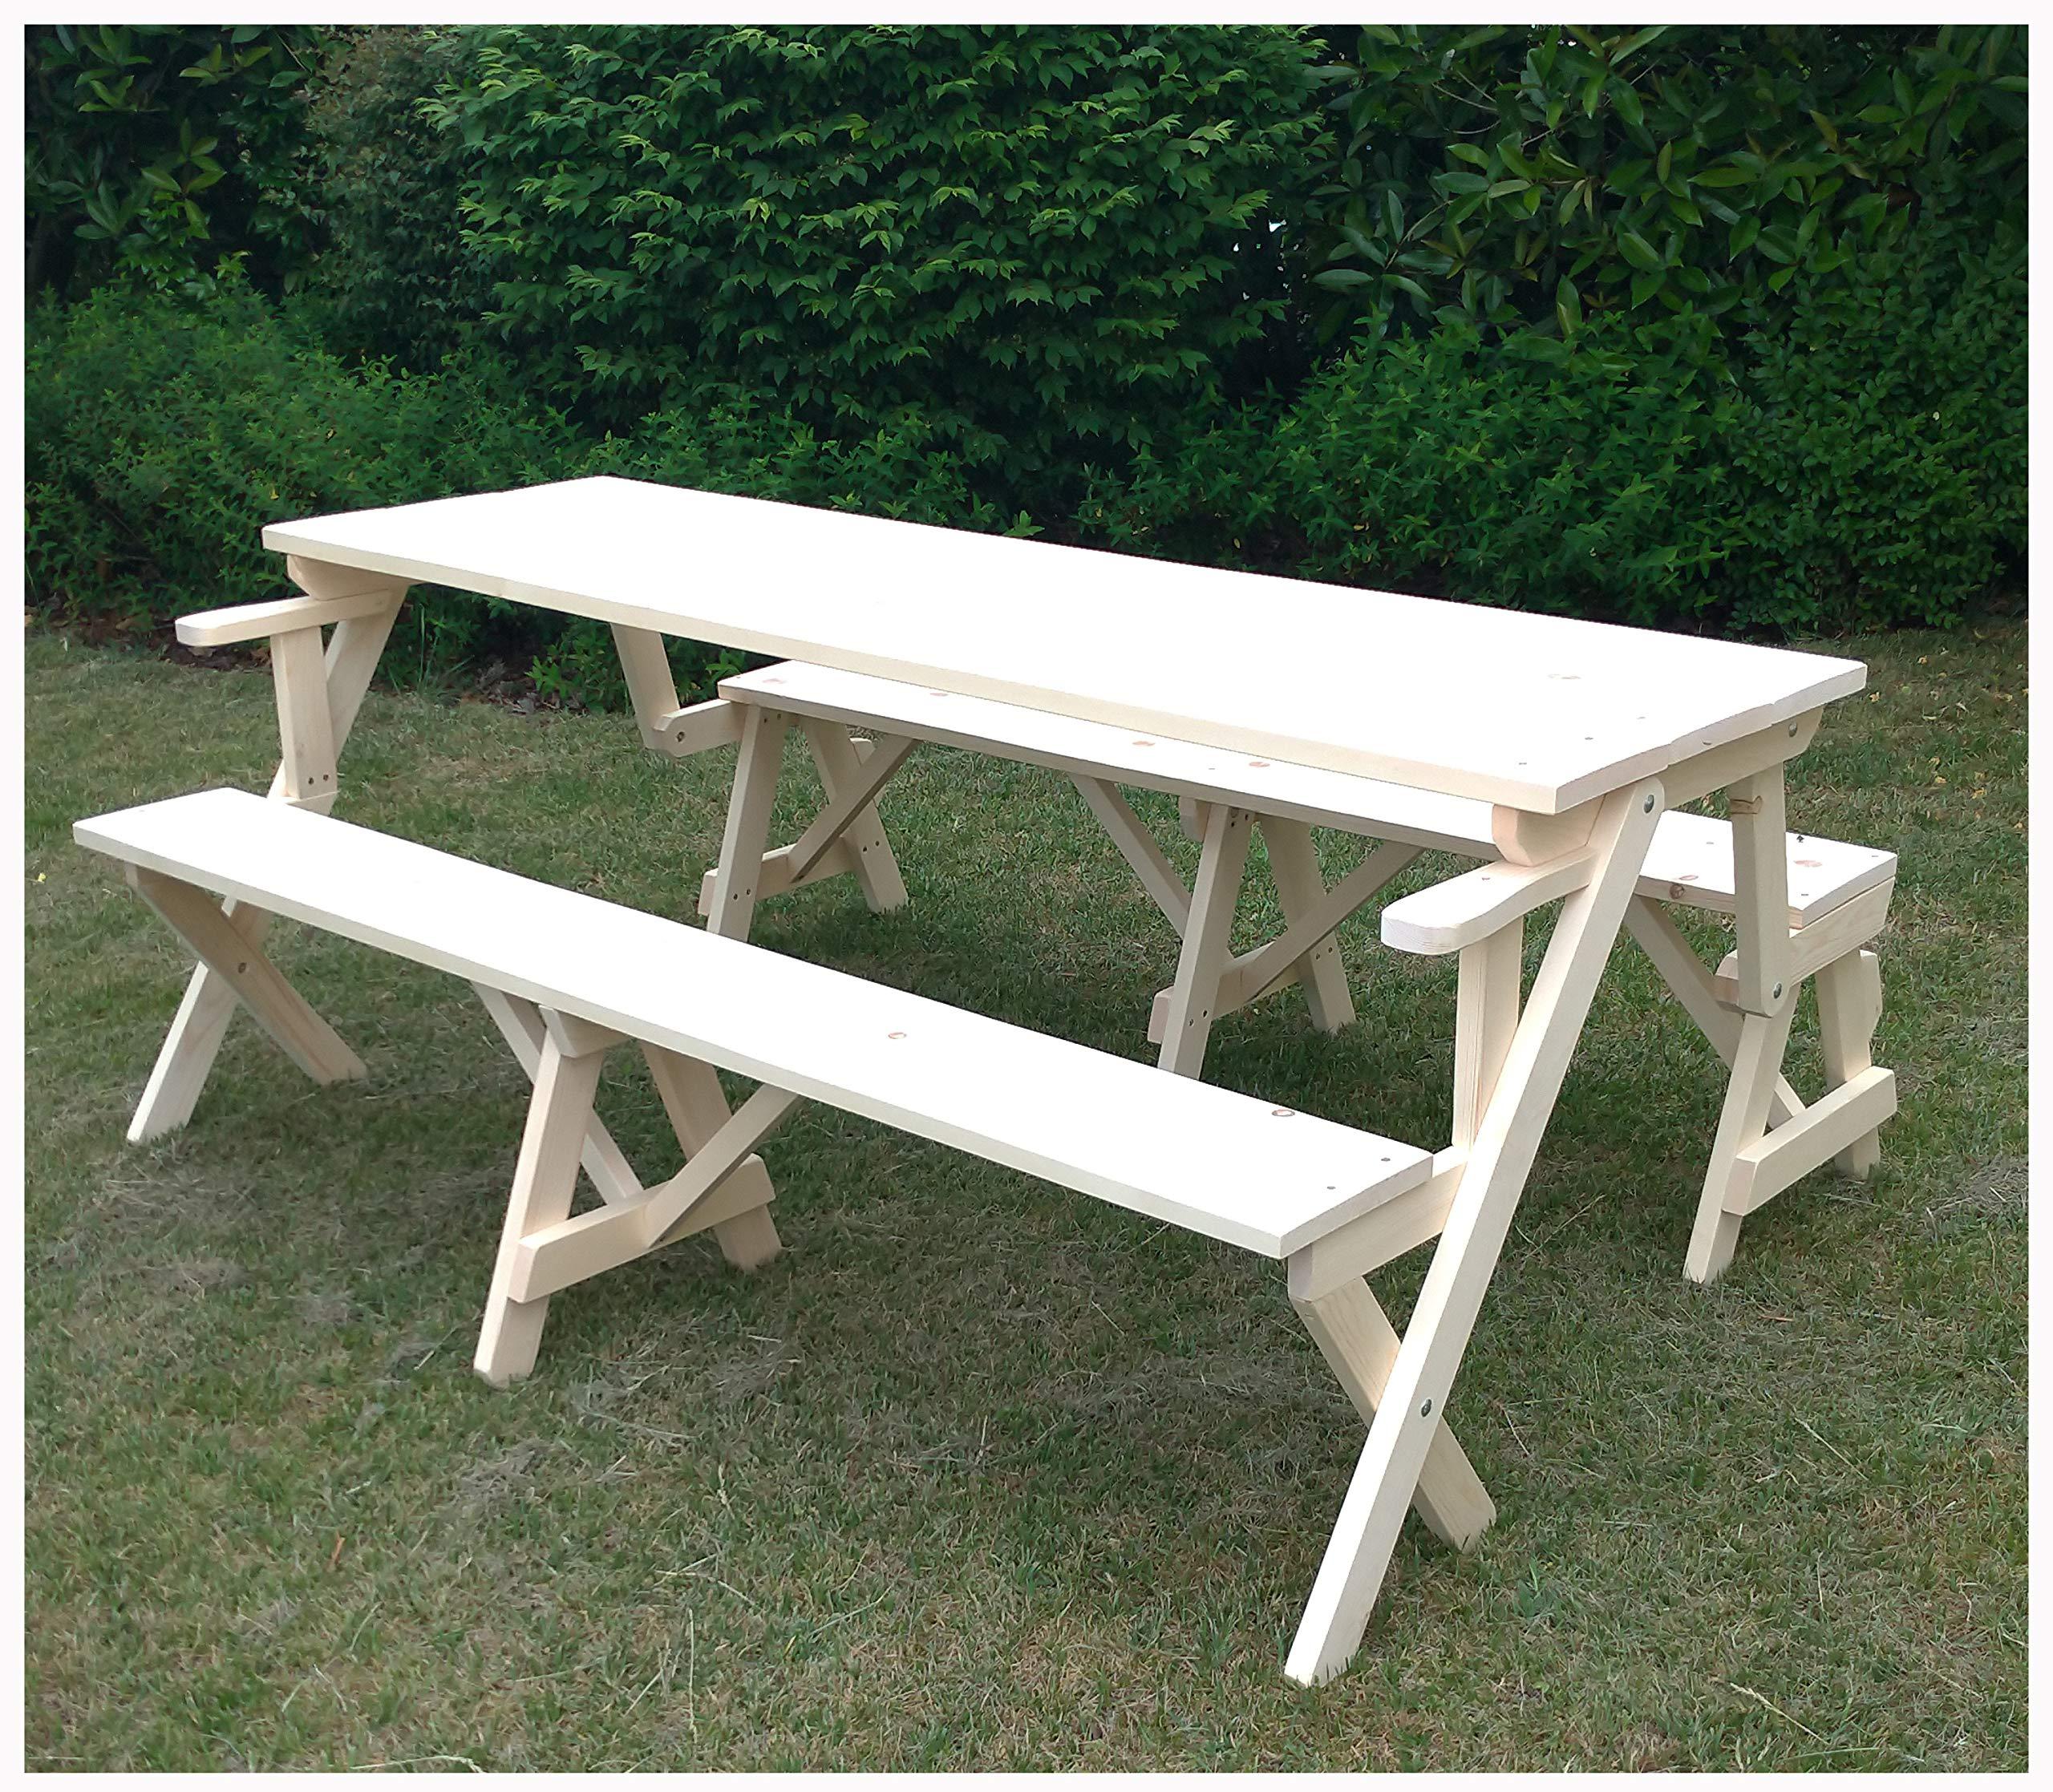 Mesa de picnic con bancos de madera de jardín convertible en un banco individual 70 x 132 x 76h: Amazon.es: Jardín